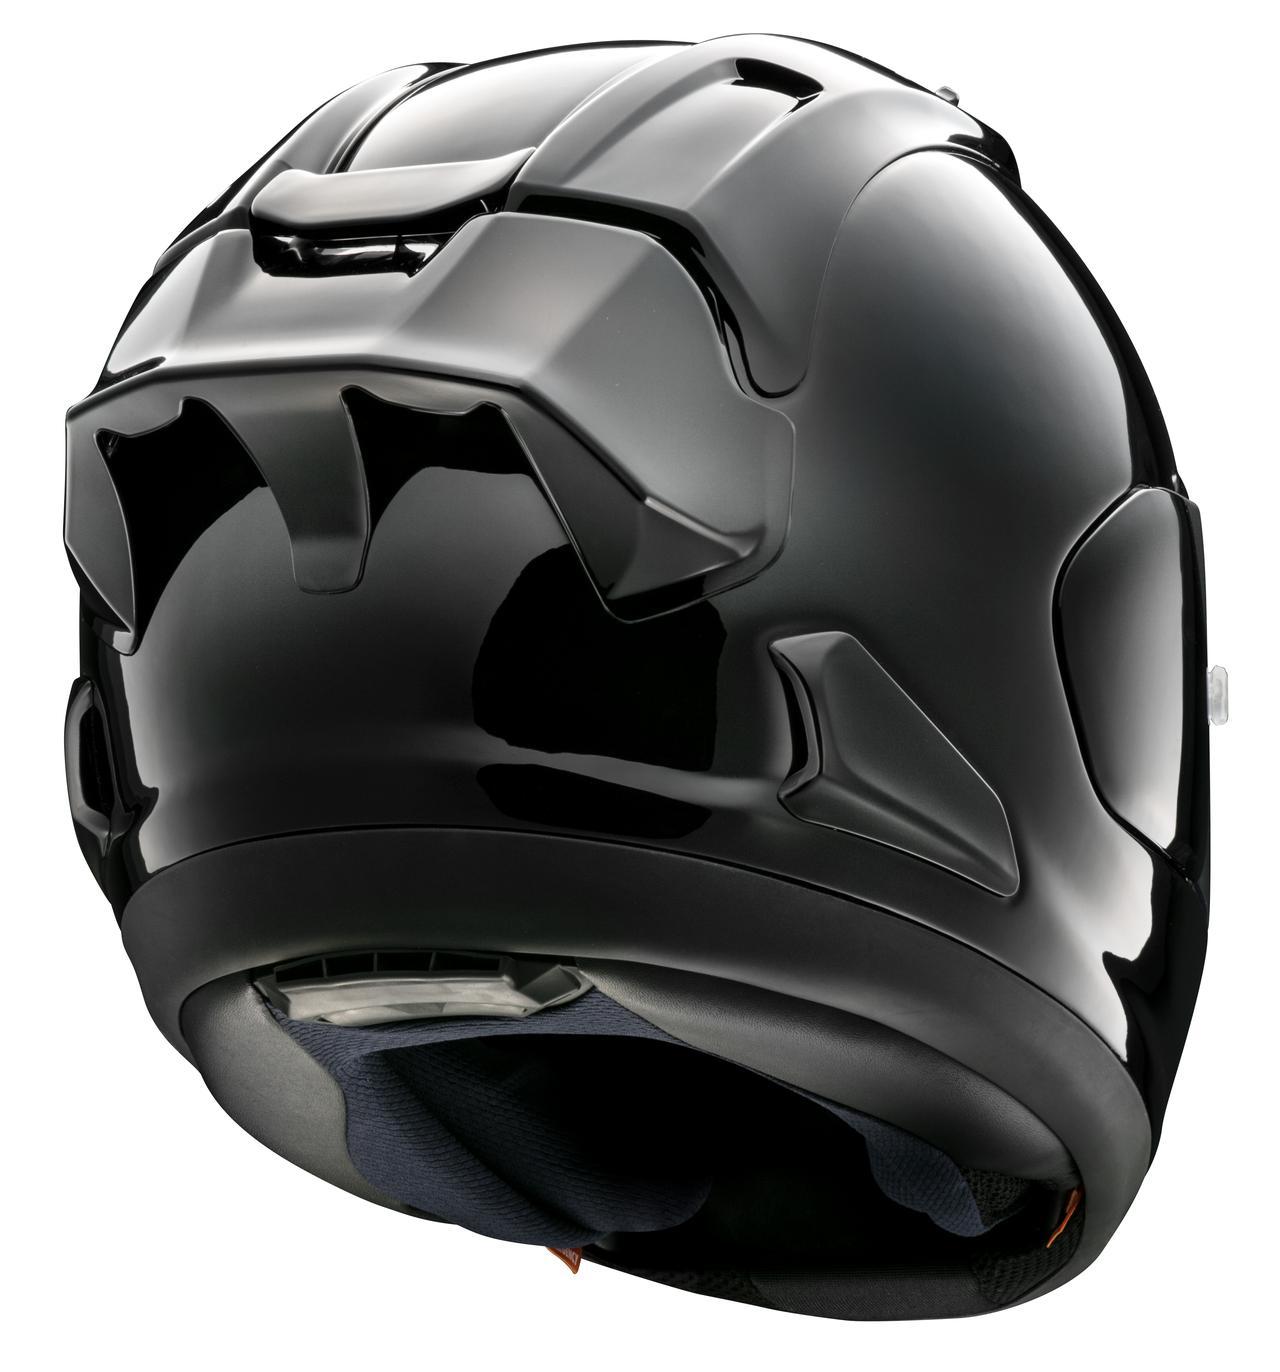 Images : 7番目の画像 - アライヘルメット「RX-7X FIM Racing #1」の写真をもっと見る! - webオートバイ